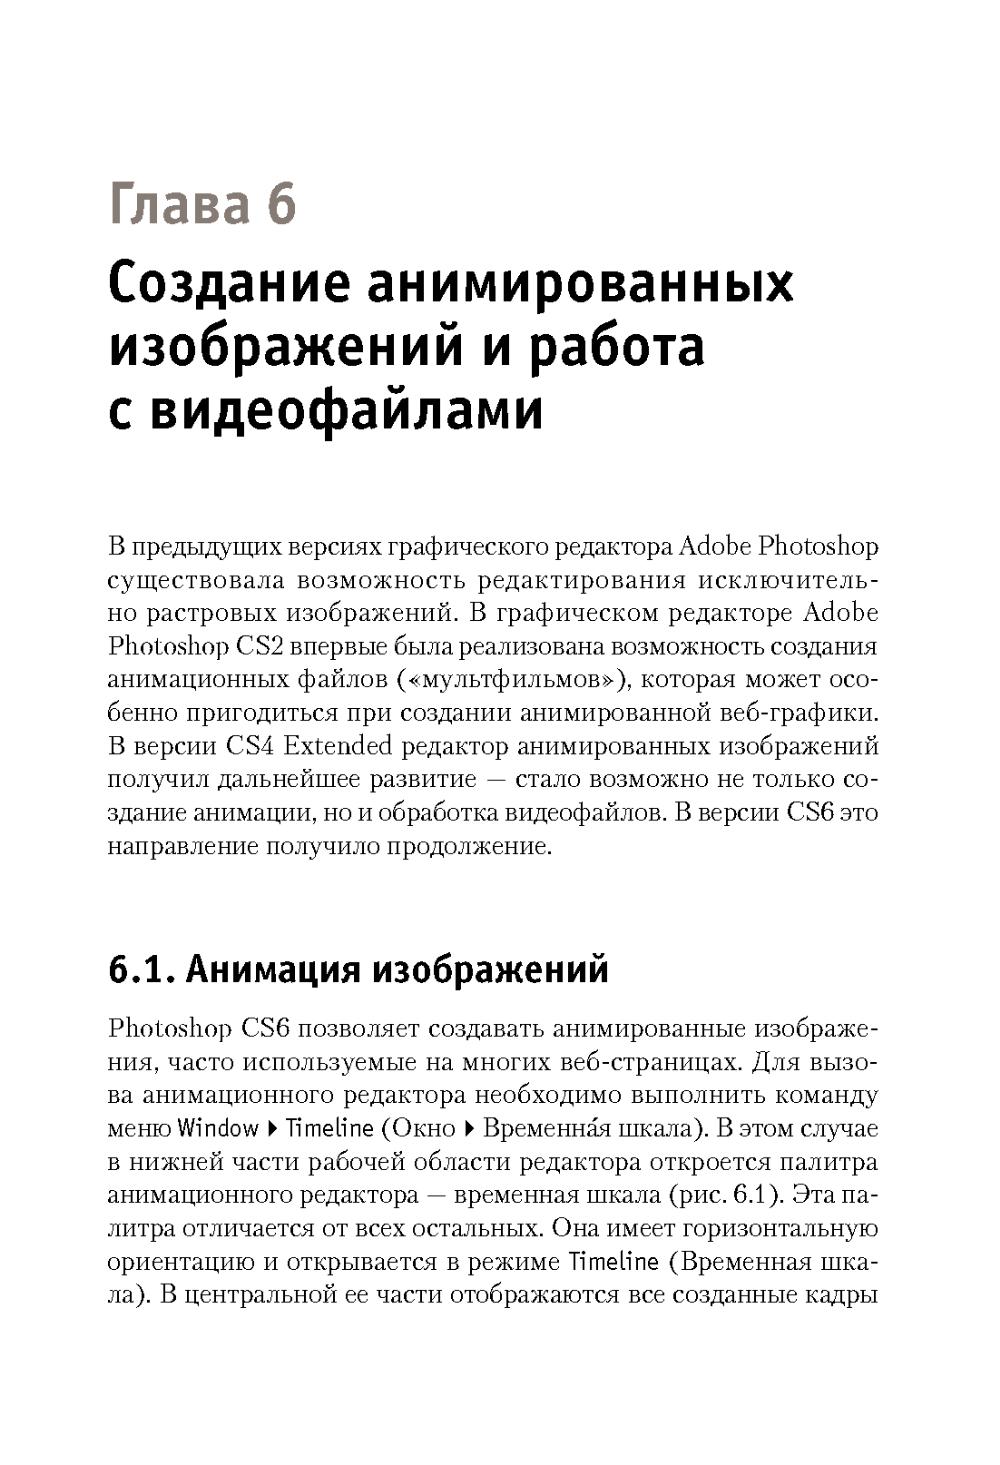 http://i6.imageban.ru/out/2013/11/10/9cd901d3fc2dc371d7176ec885b19553.jpg